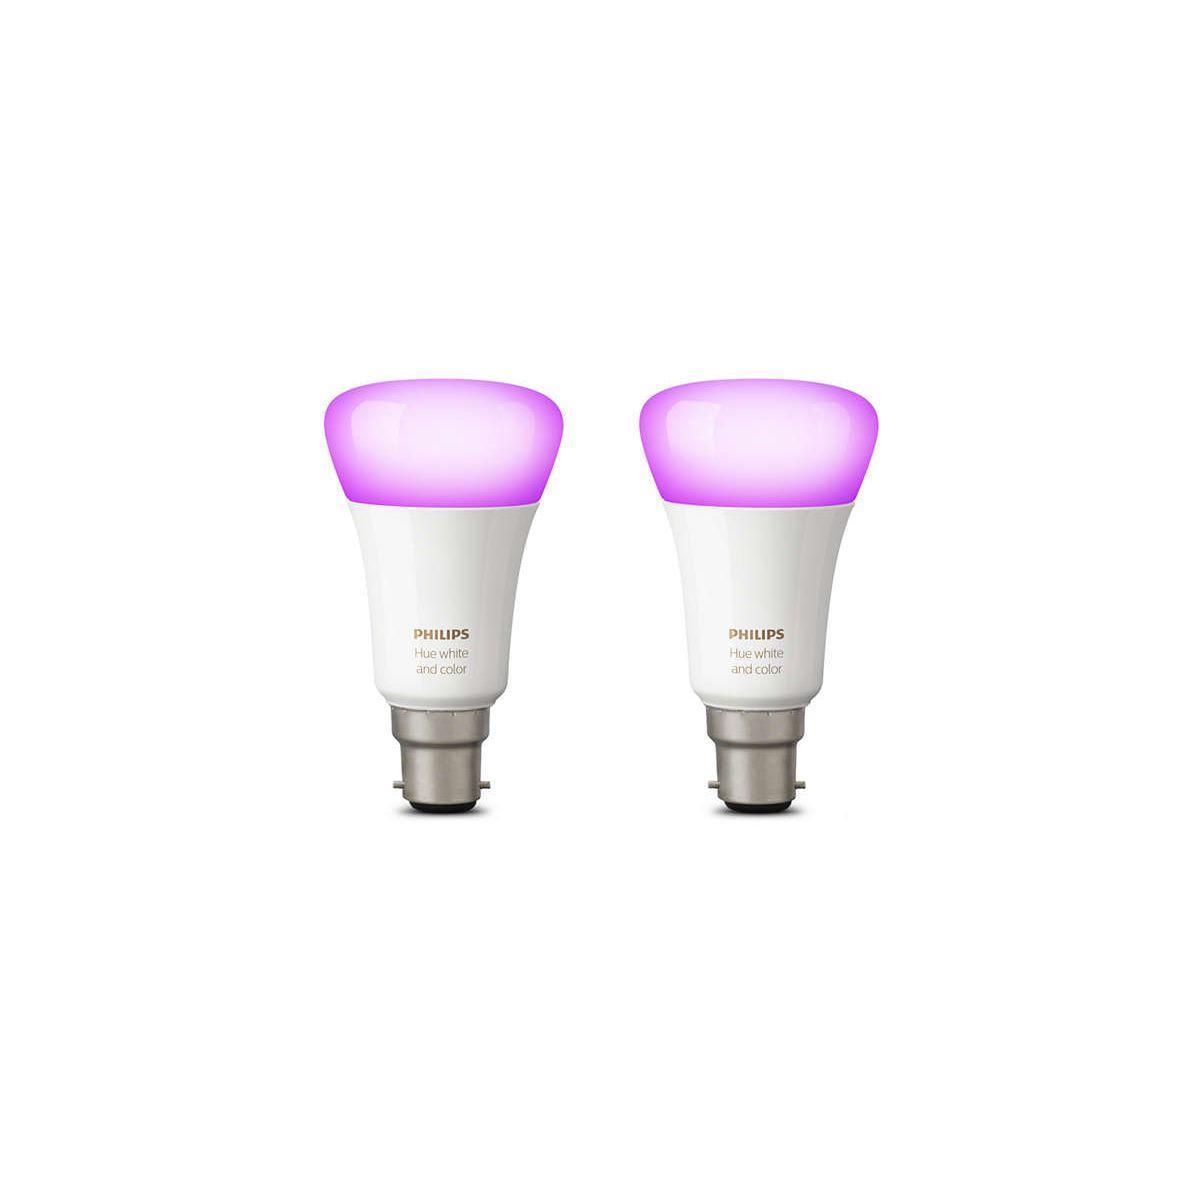 Ampoule connectable philips pack x2 b22 hue white & colors - 7% de remise imm�diate avec le code : school7 (photo)